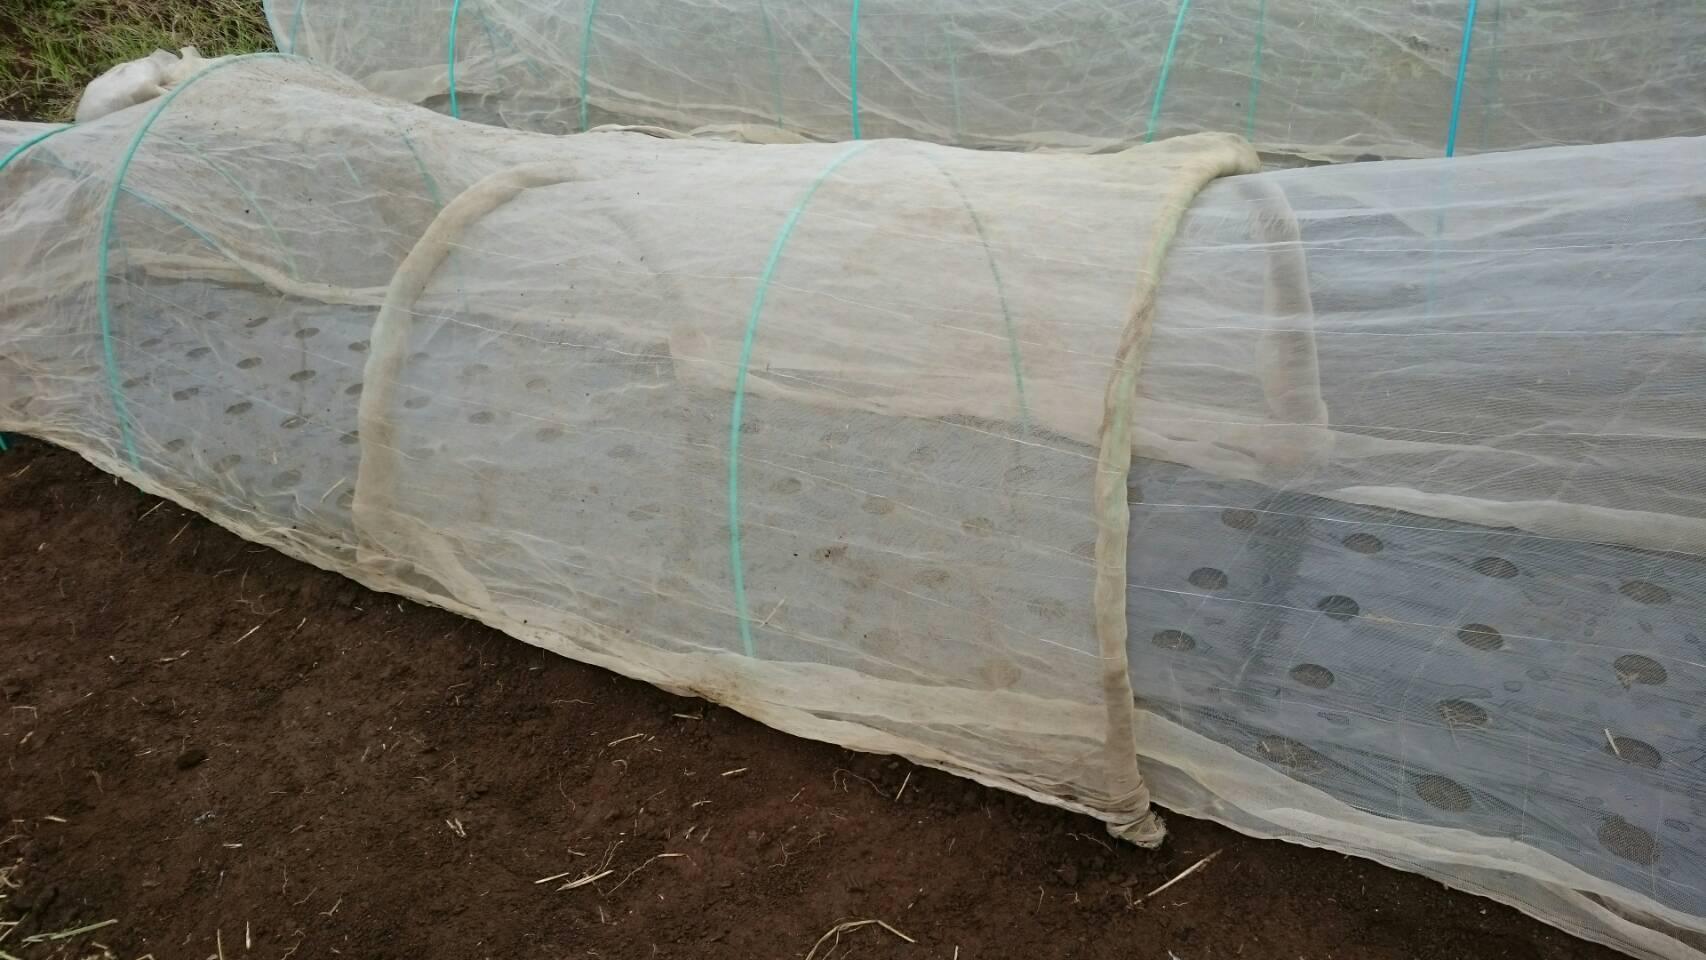 昨日播種した 畝 昨晩の豪雨で心配でした  結果セーフ!_c0222448_13533267.jpg